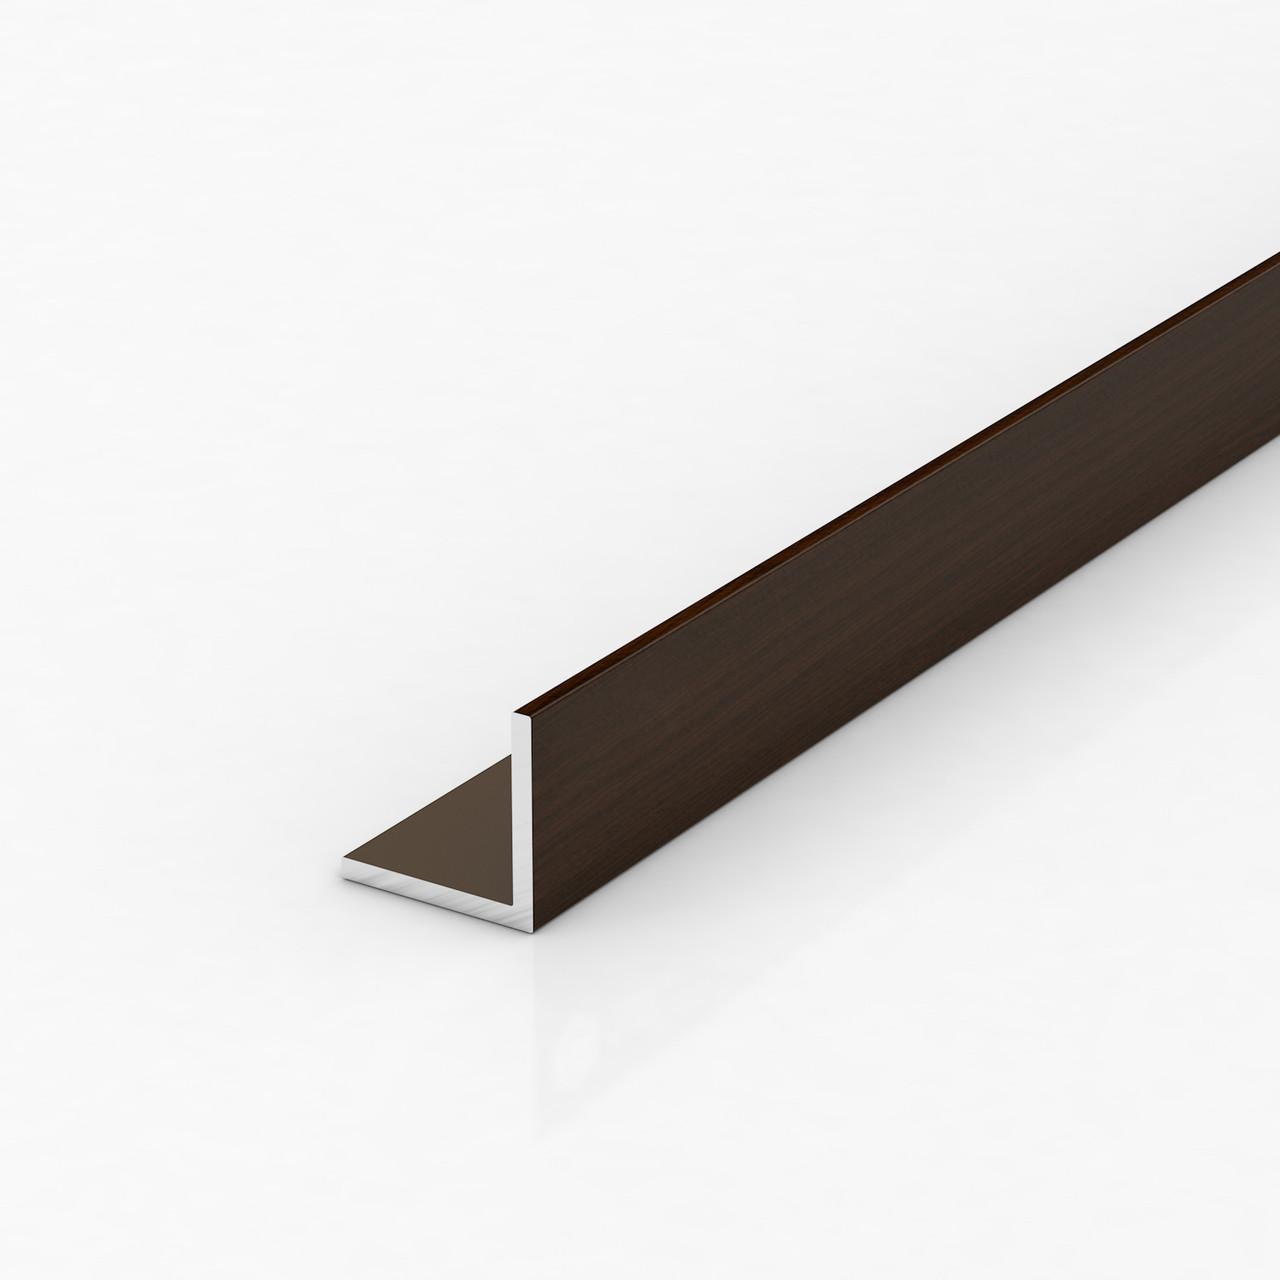 Уголок алюминиевый, орех темный 15х15х1,5